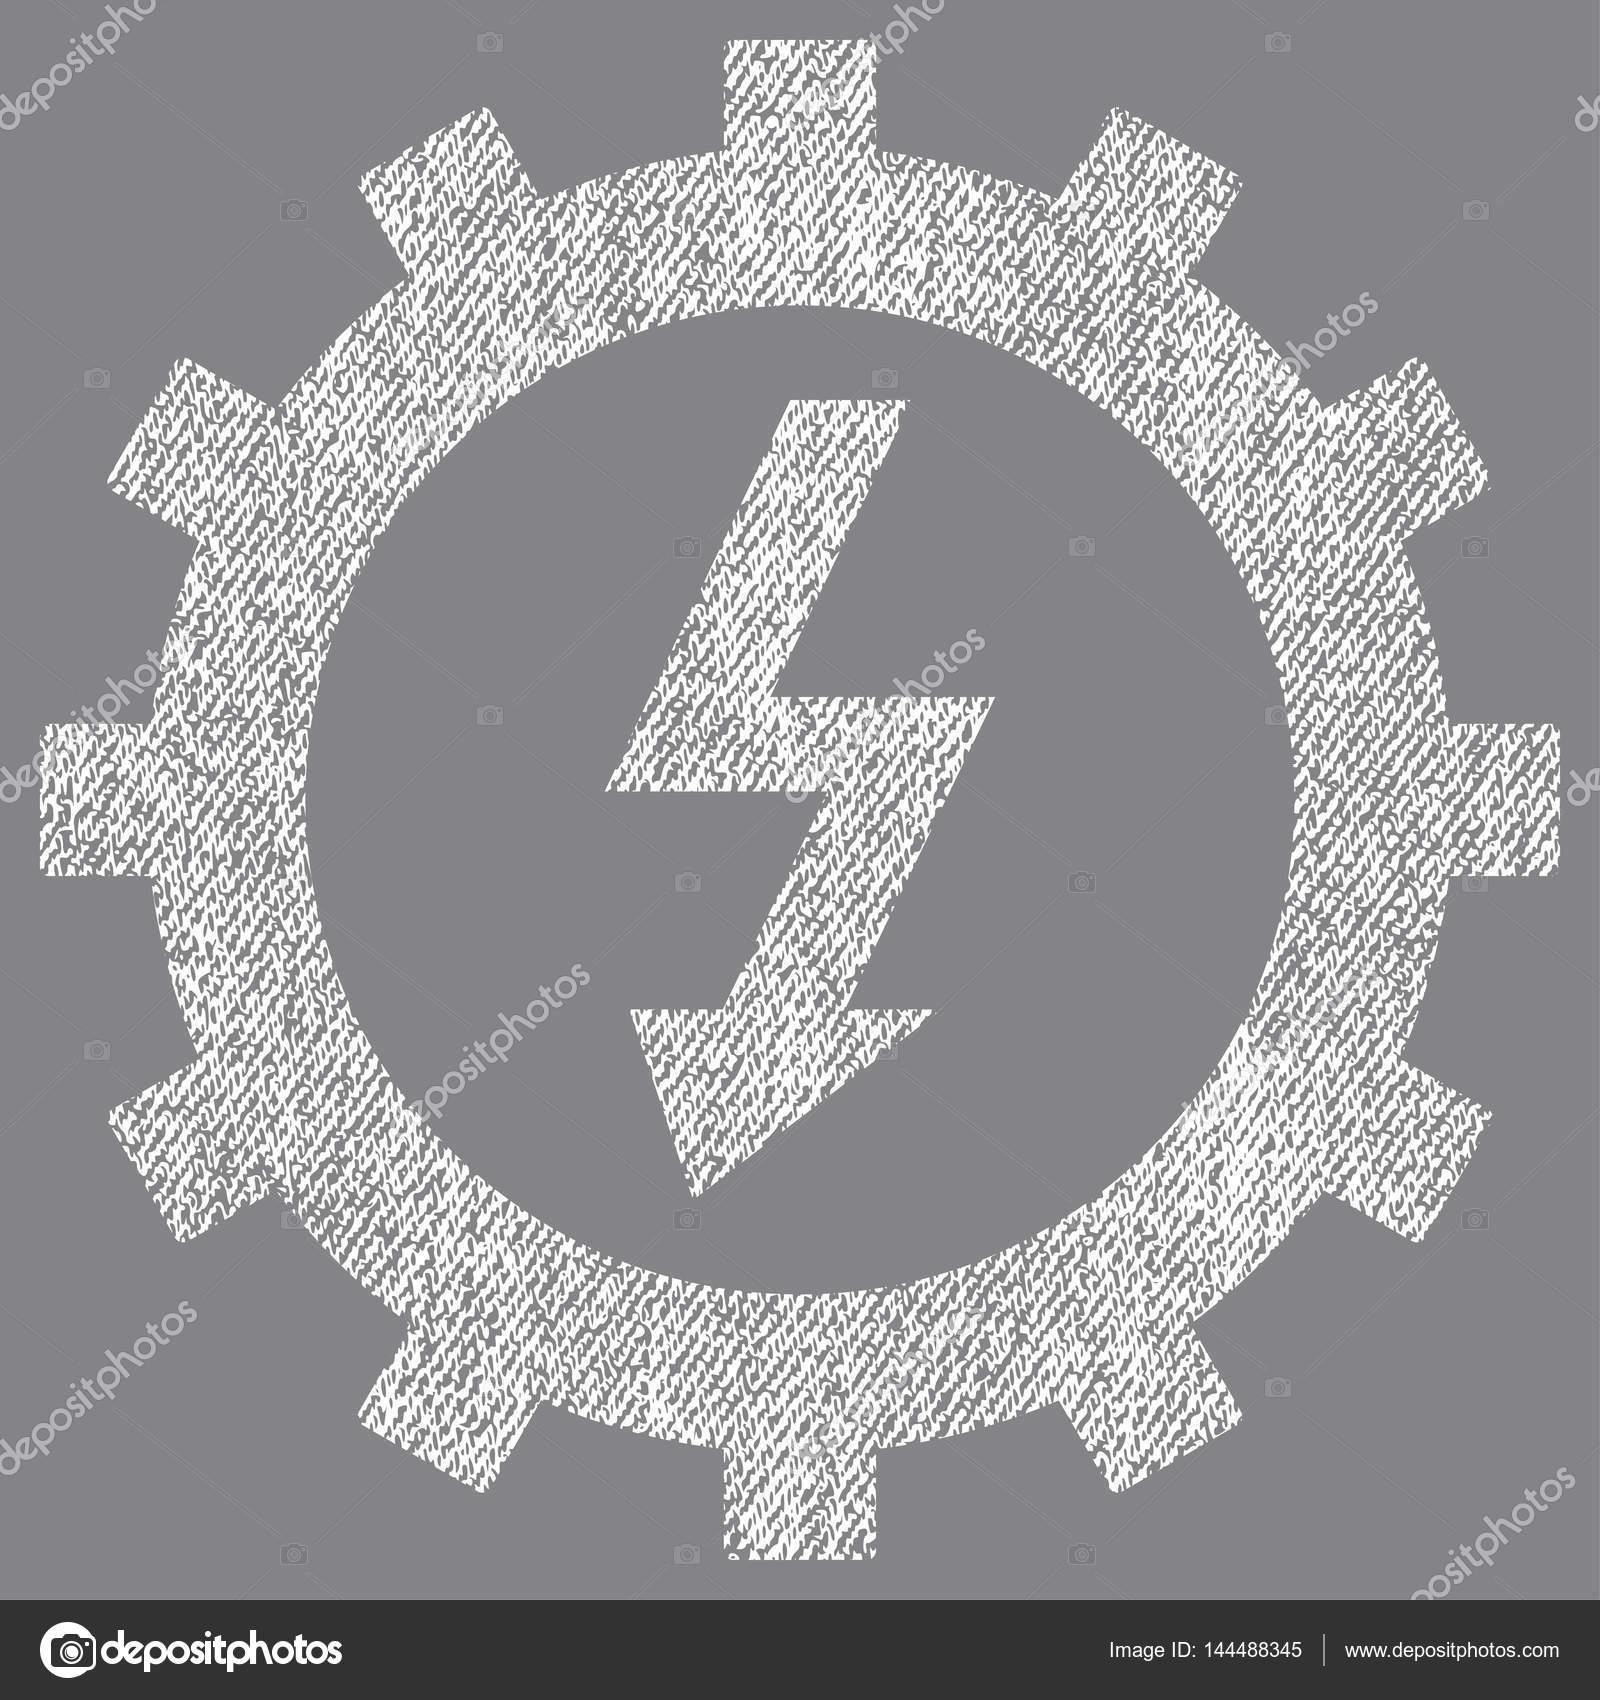 Gemütlich Symbol Elektrische Zeichnung Galerie - Der Schaltplan ...